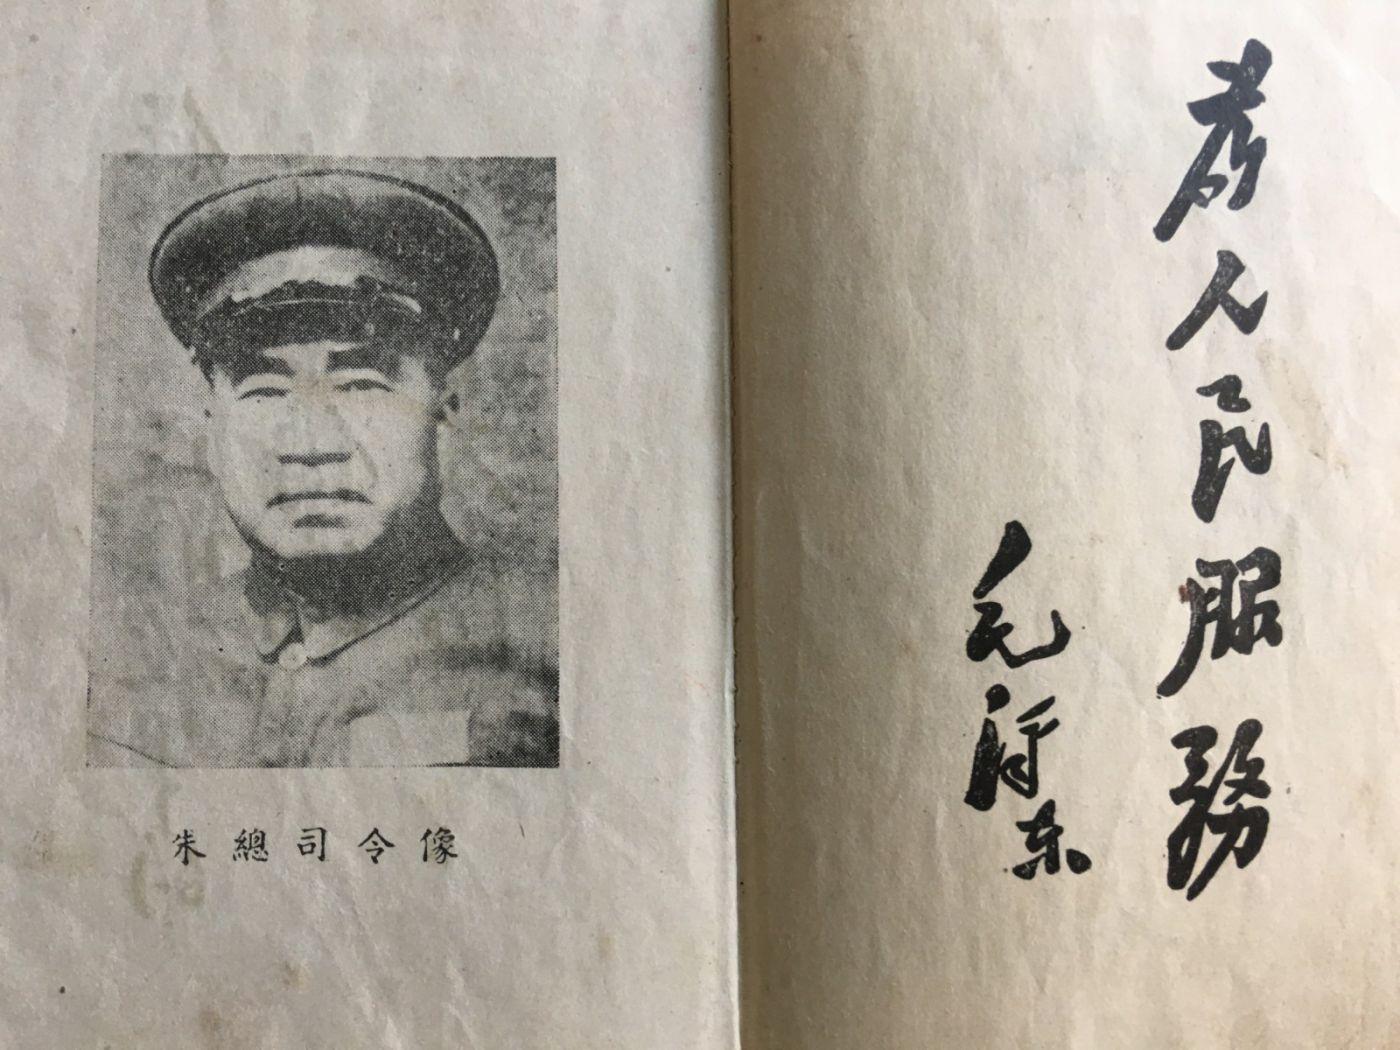 中国人民解放军回乡转业建设军人证明书-李太和_图1-4